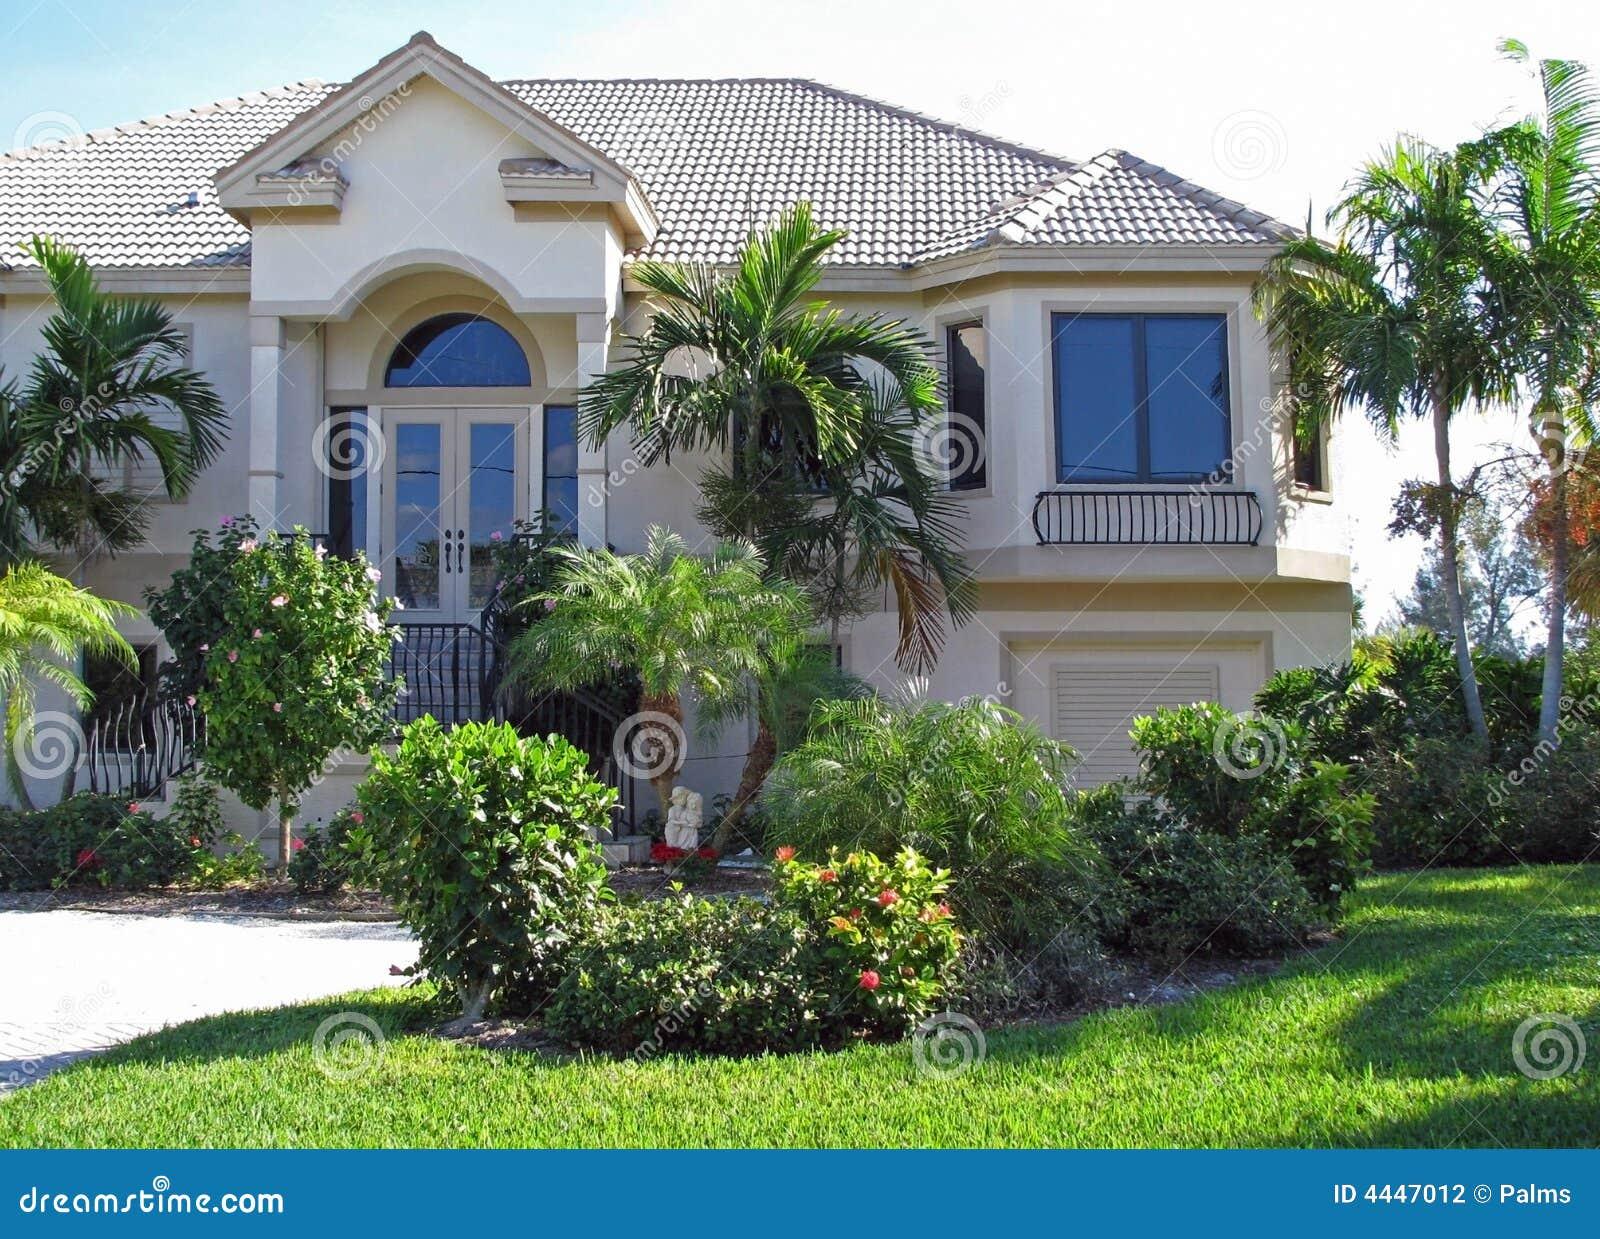 casa-e-jardim-modernos-4447012.jpg